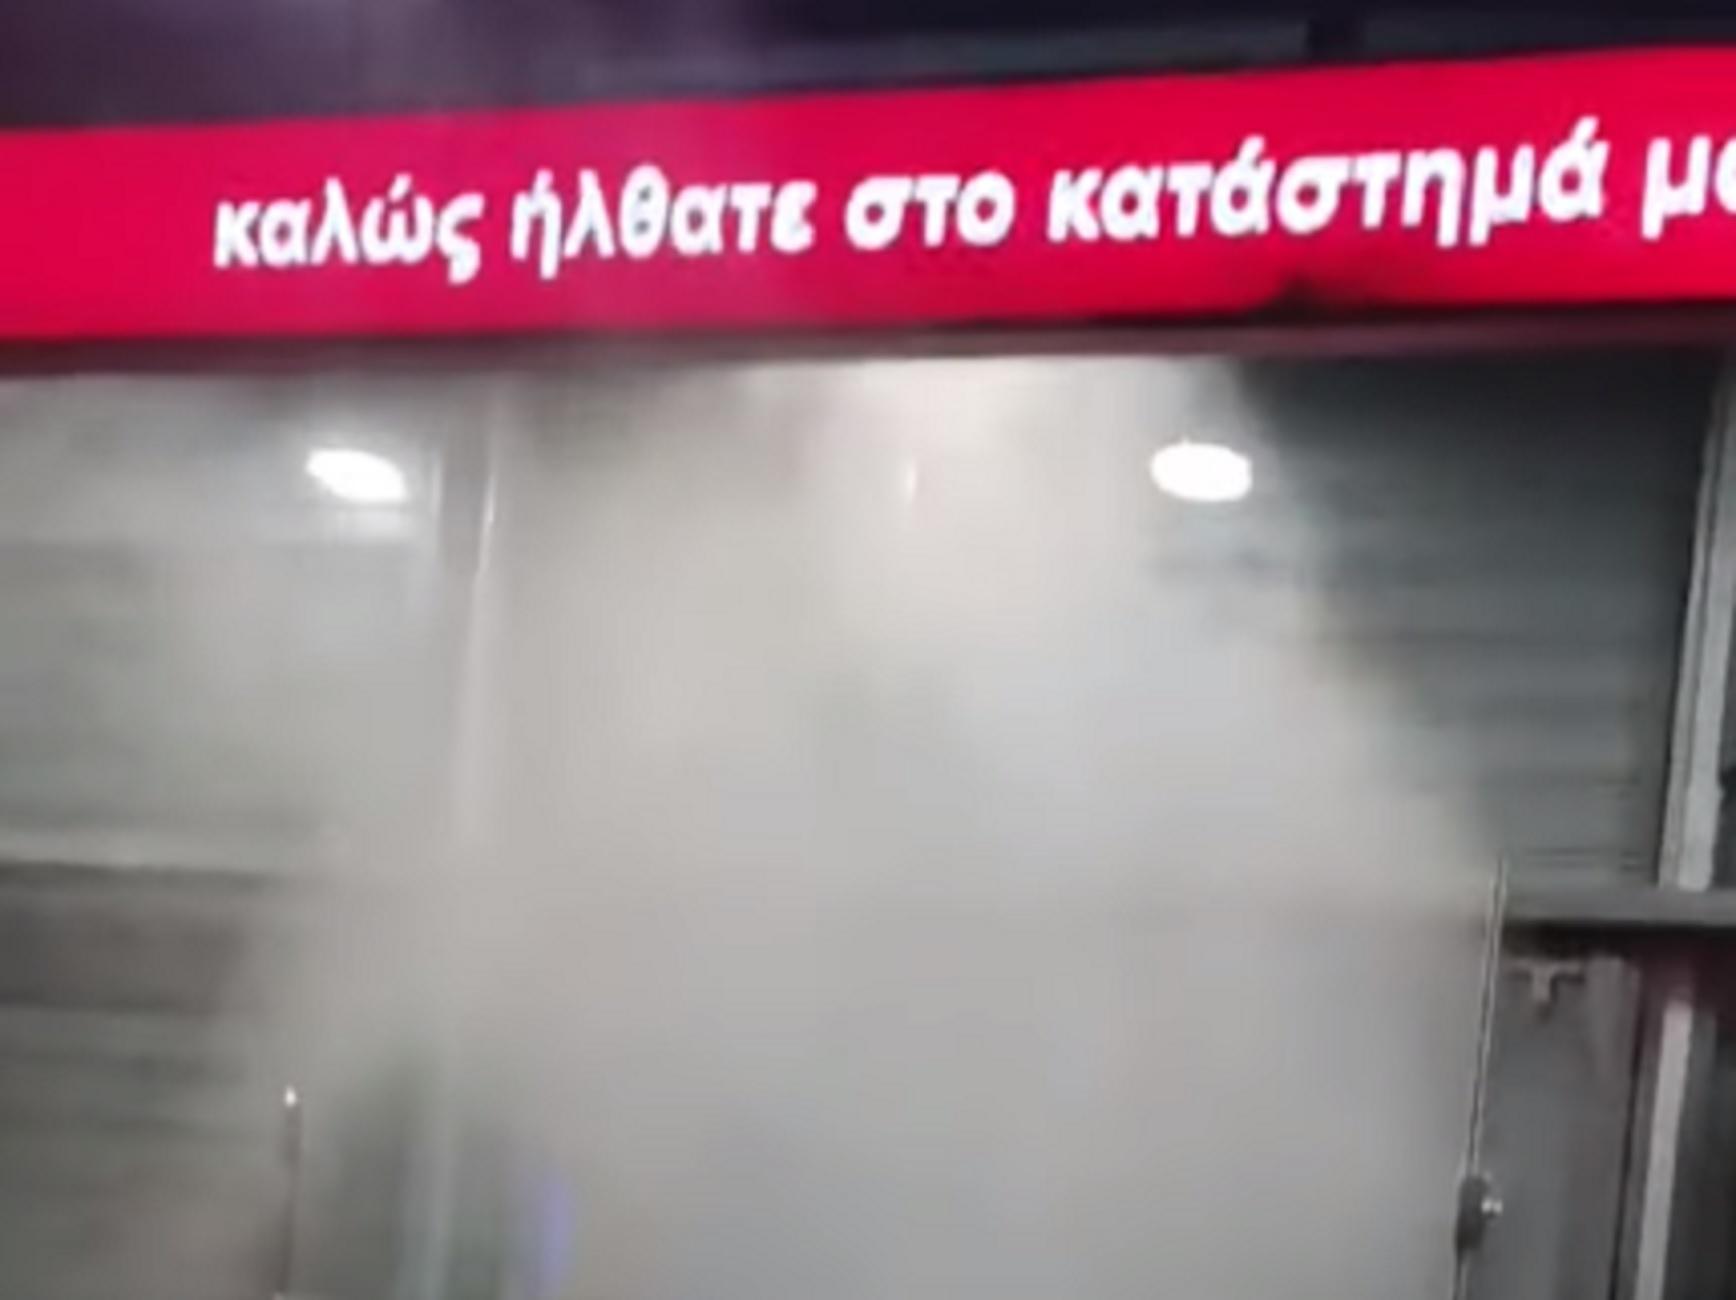 Θεσσαλονίκη: Προπέτασμα καπνού και συναγερμός σε γνωστό πολυκατάστημα για έναν απίστευτο λόγο (video)